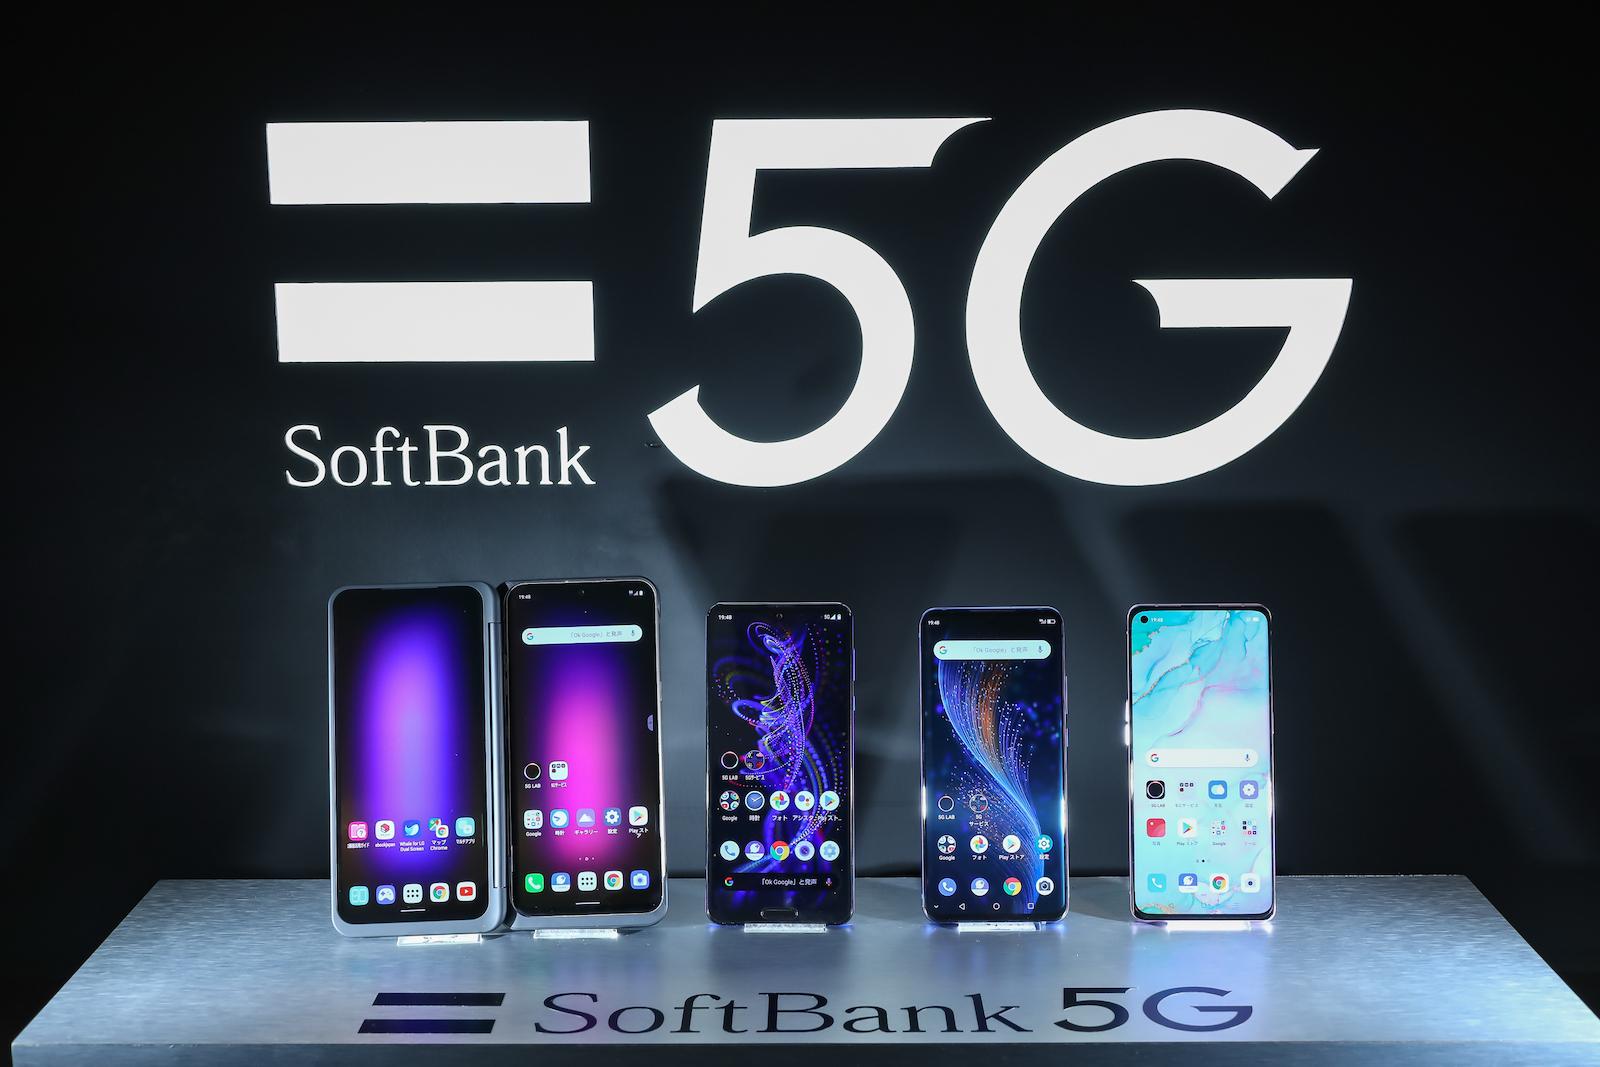 速報:ソフトバンク、5Gスマホ発表。Xperia 1 II・Galaxy S20なし